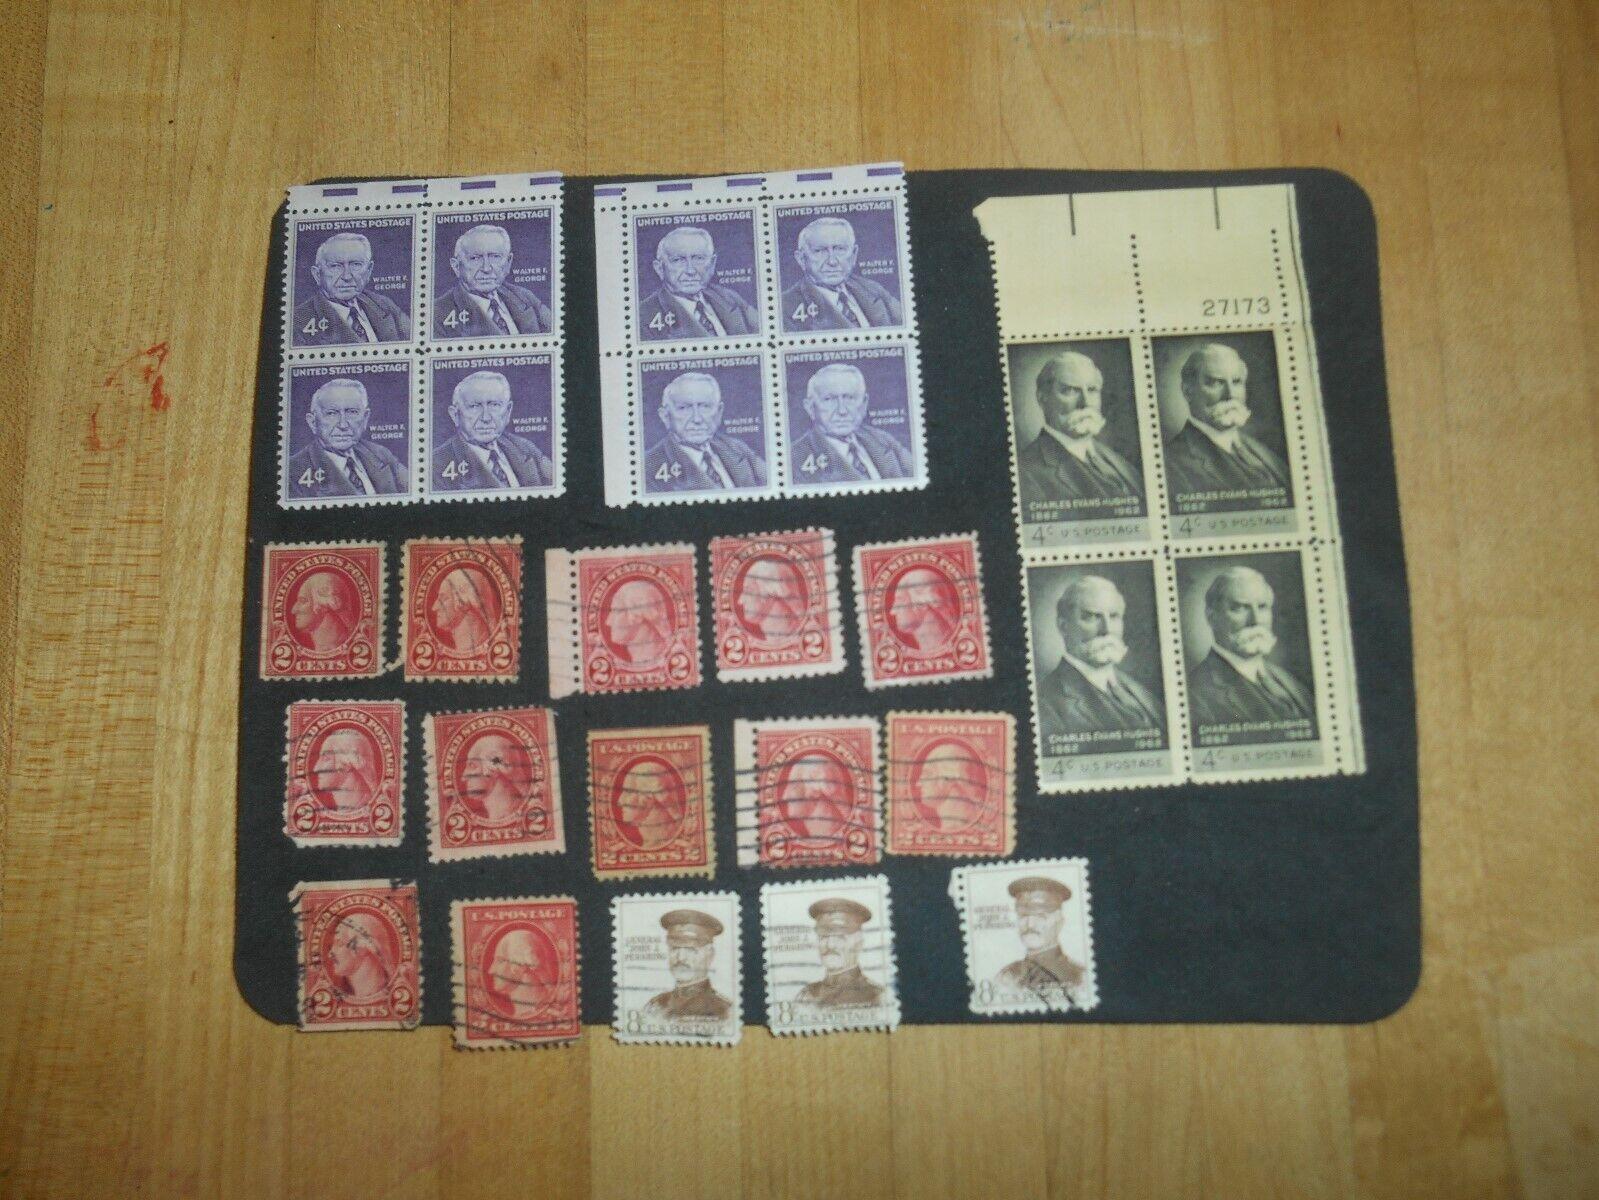 1195 4c Charles Evans Hughes. 1170 Walter F George 4c. 15 Used US Stamps. - $1.50